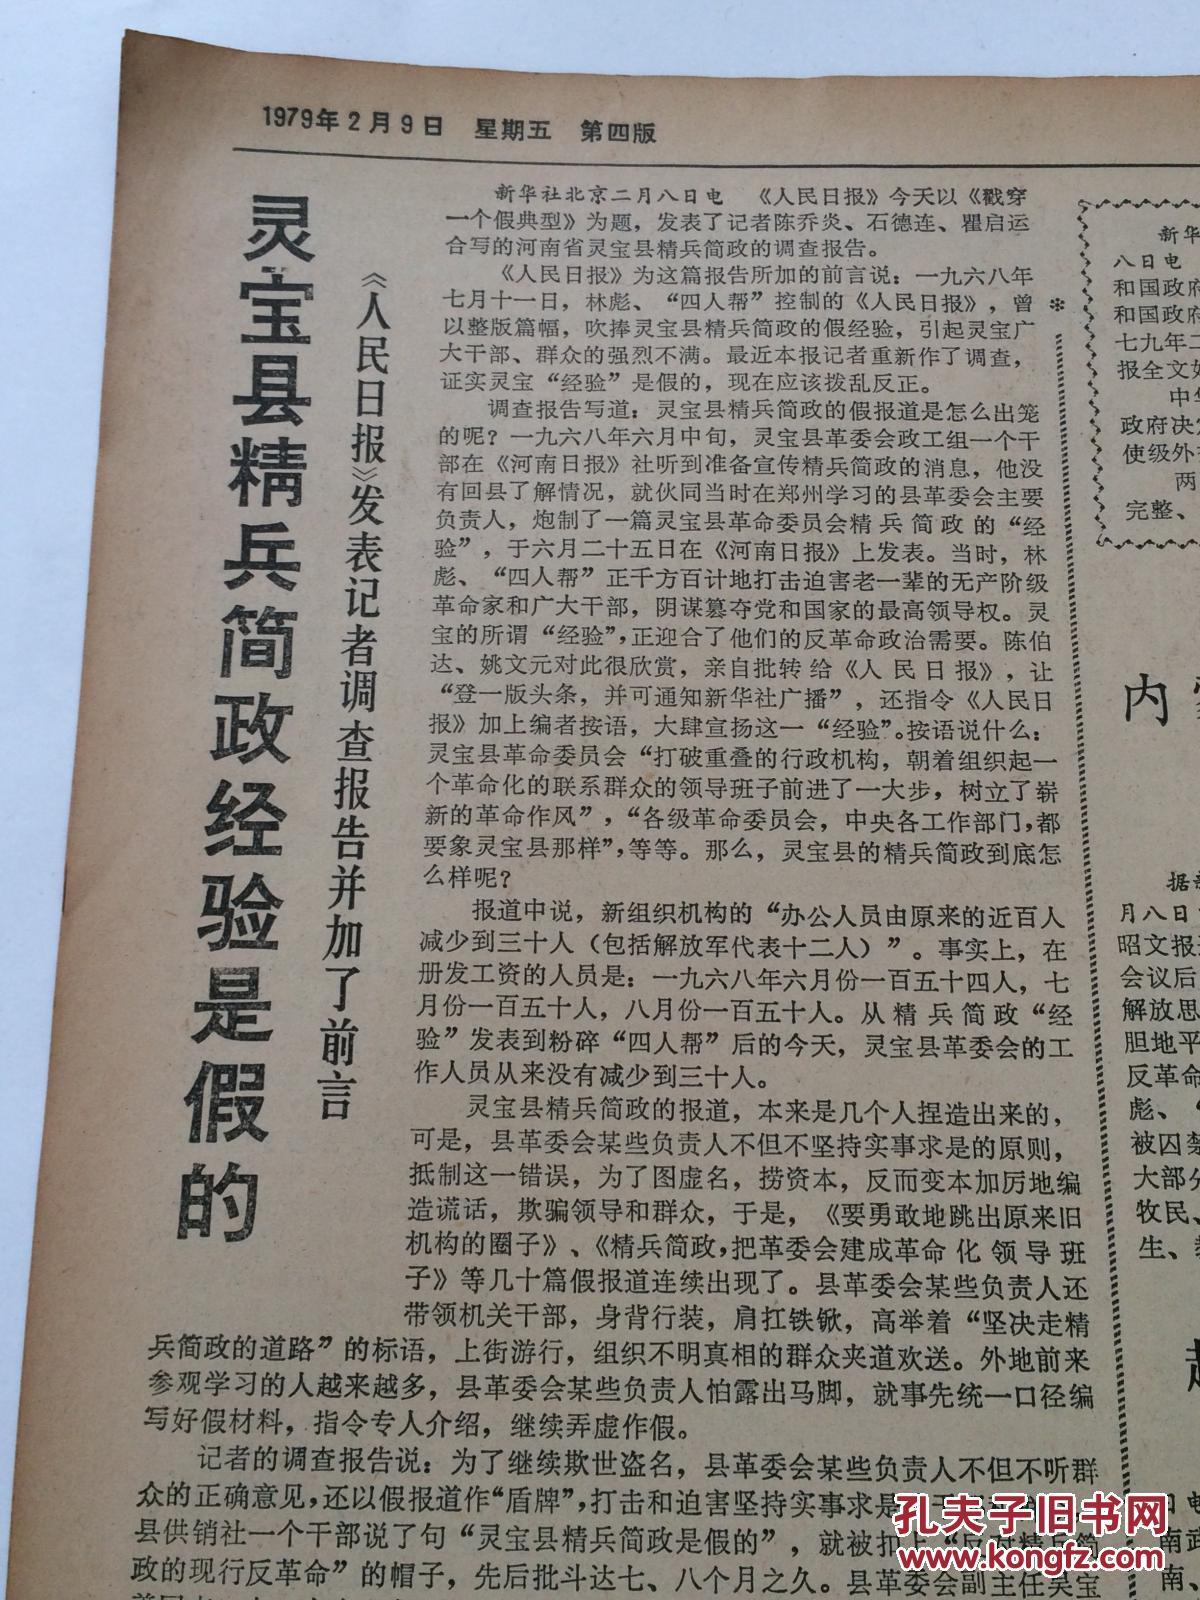 中国国际问题研究院